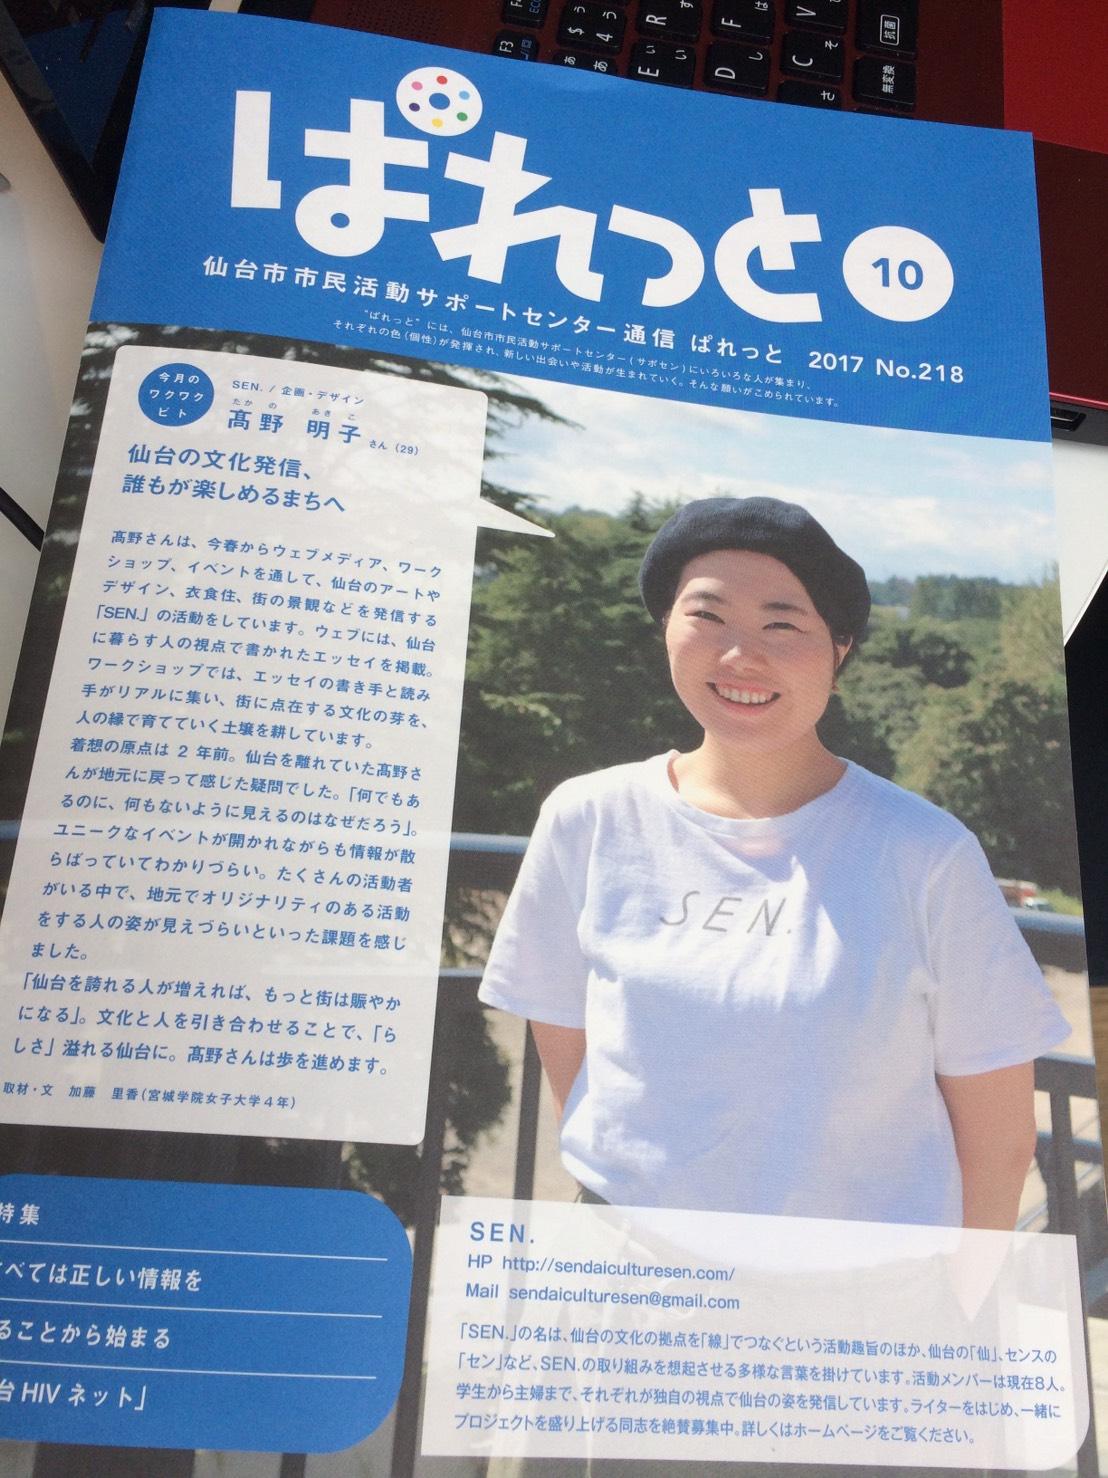 【40th宮城】仙台市市民活動サポートセンター「ぱれっと」①